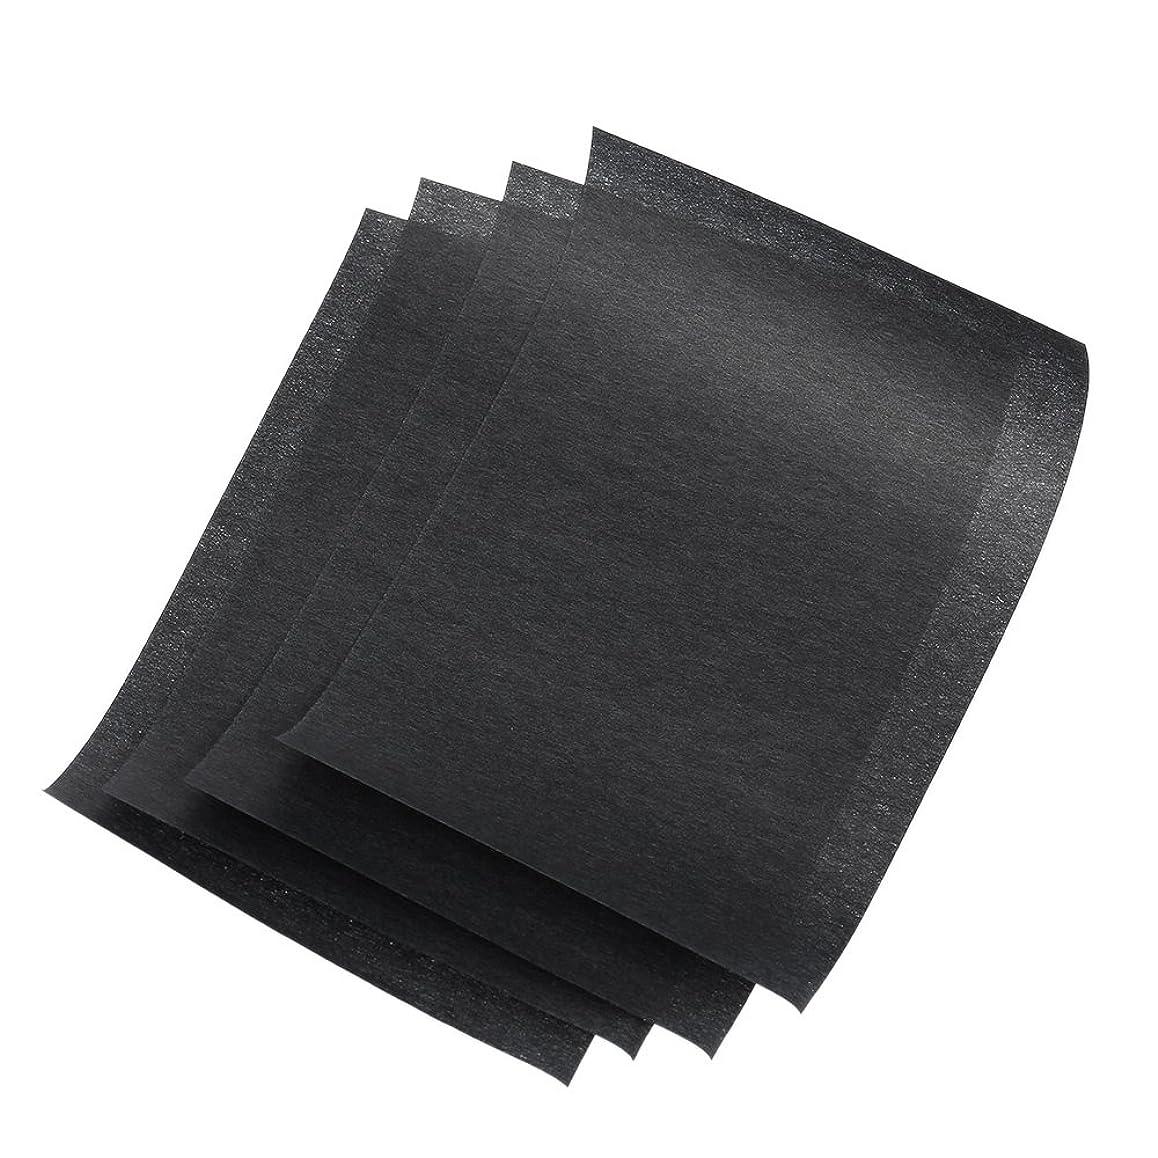 割り当てる推進、動かすエスカレーターDecdeal ダラリス オイルコントロールペーパー 顔面吸収紙 吸収シート 竹炭オイルコントロール 男性用 1パック80個